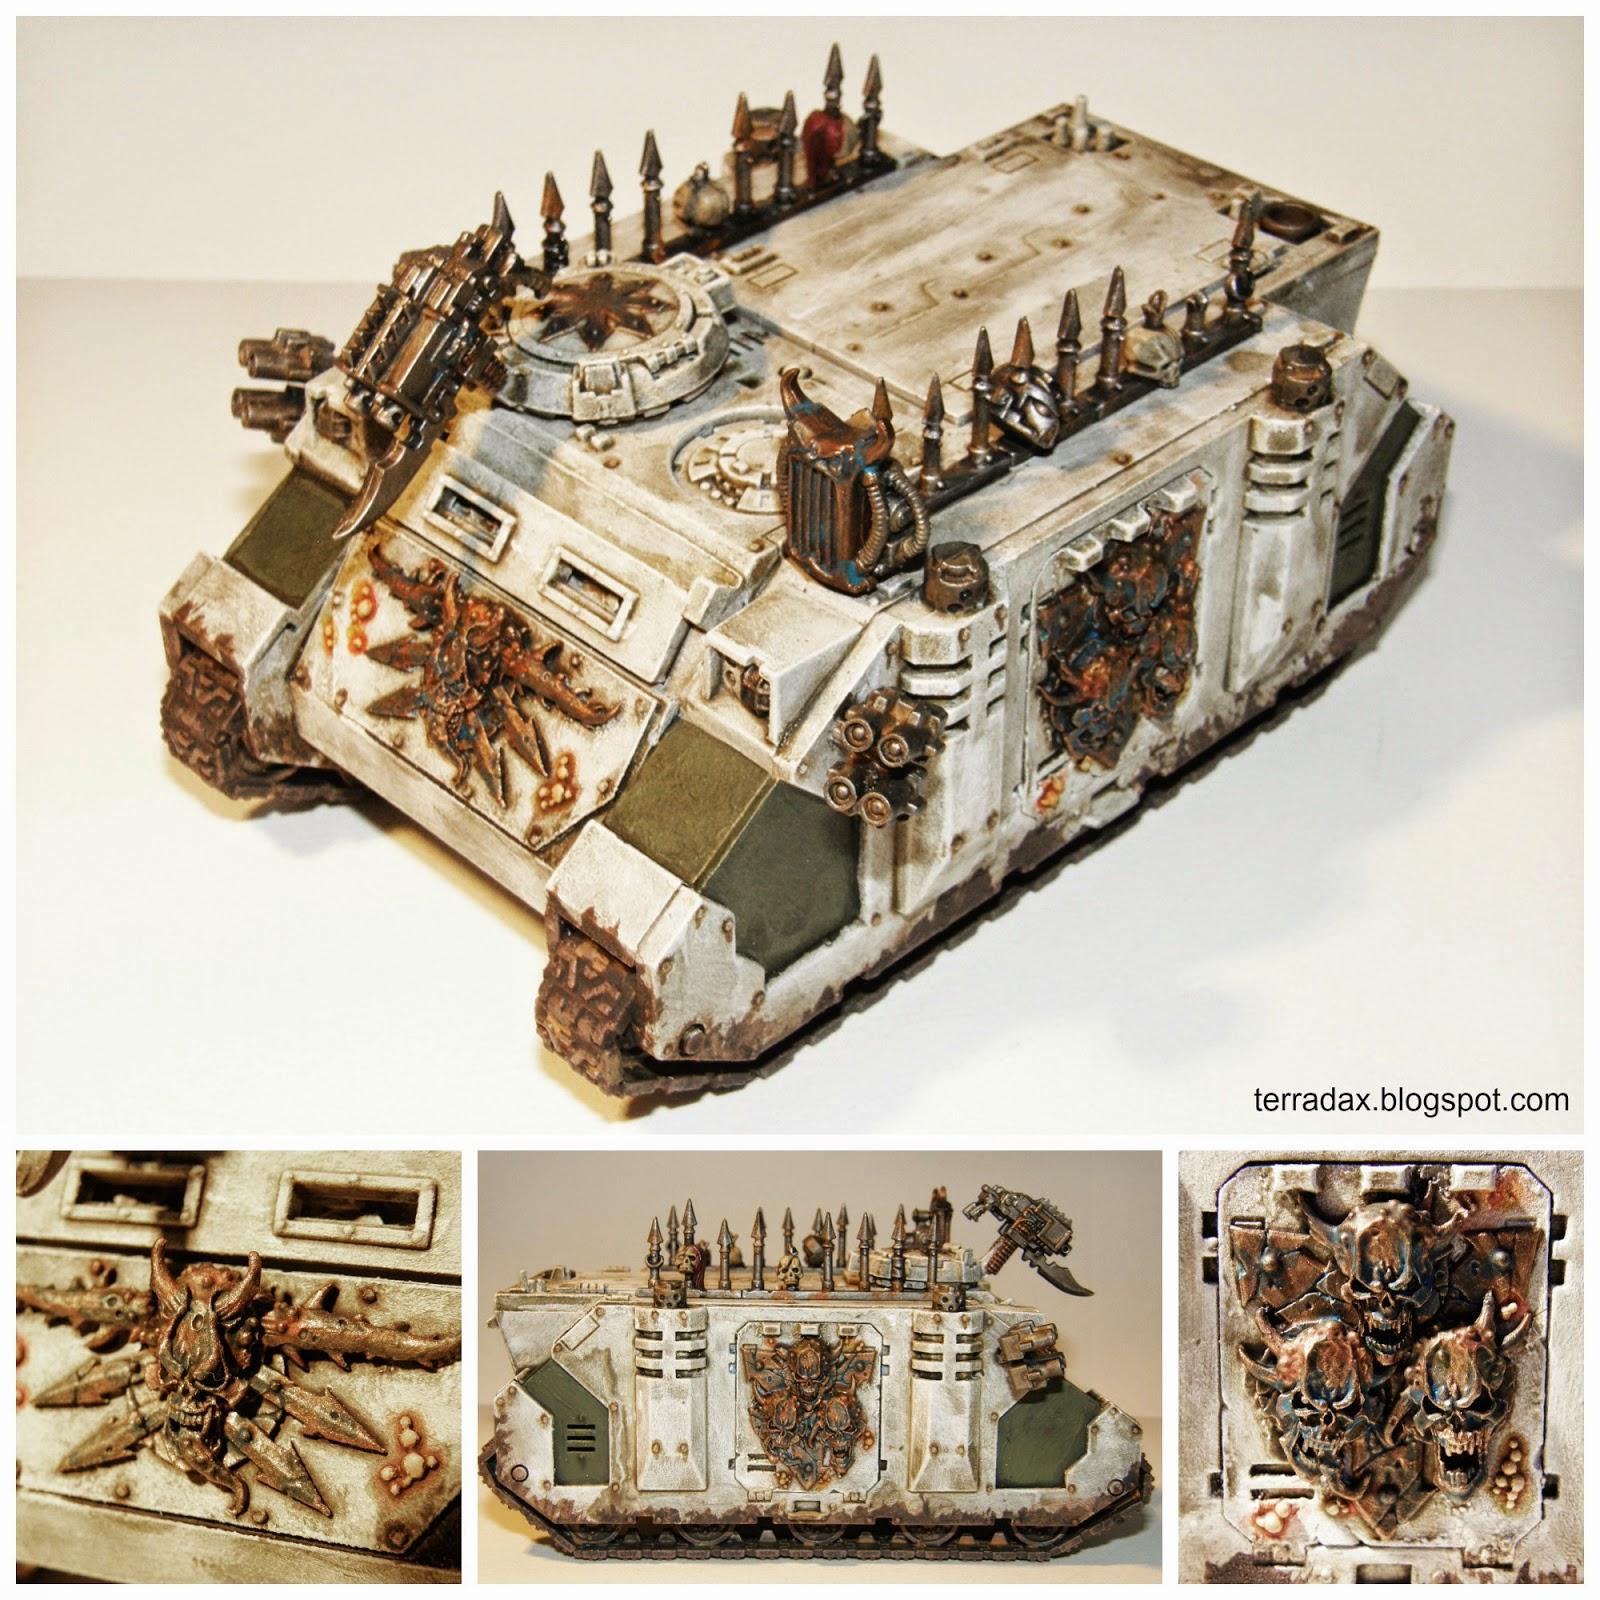 http://1.bp.blogspot.com/-DWmaWieOST8/VLK11b0CVPI/AAAAAAAABzk/rTqYGmo81o4/s1600/Rhino2.jpg